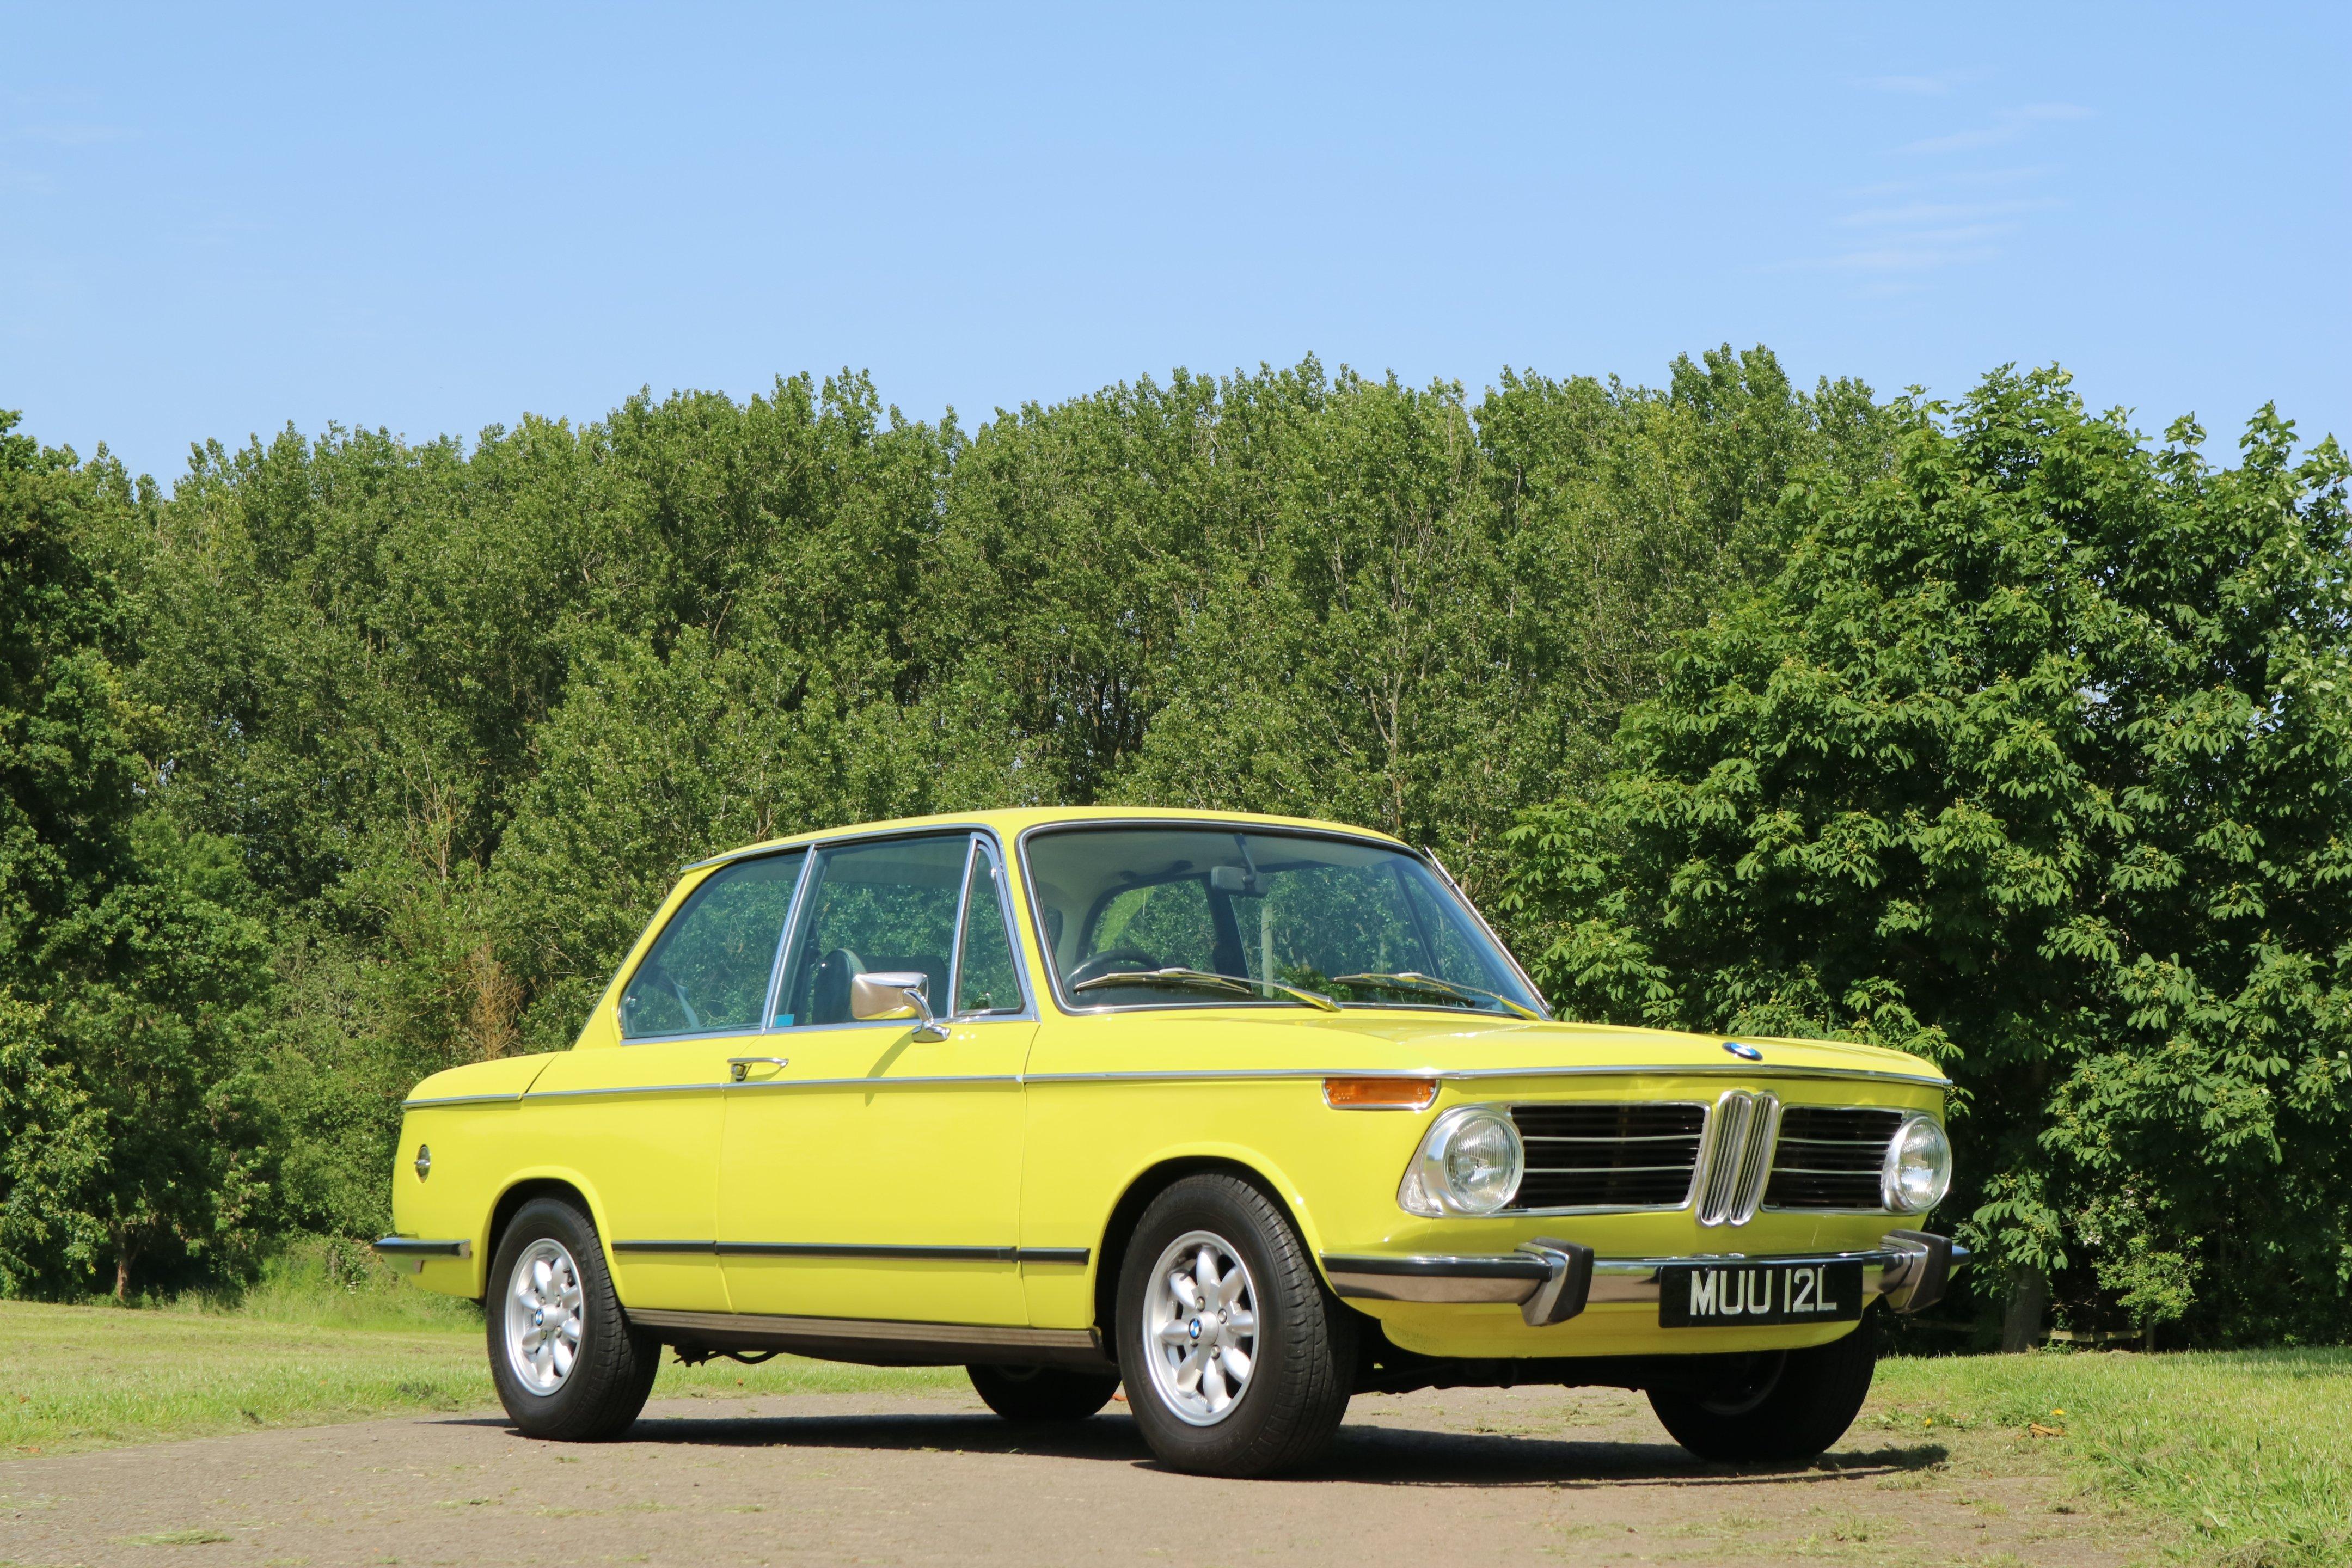 1973 Bmw 2002 Tii Vintage Car For Sale